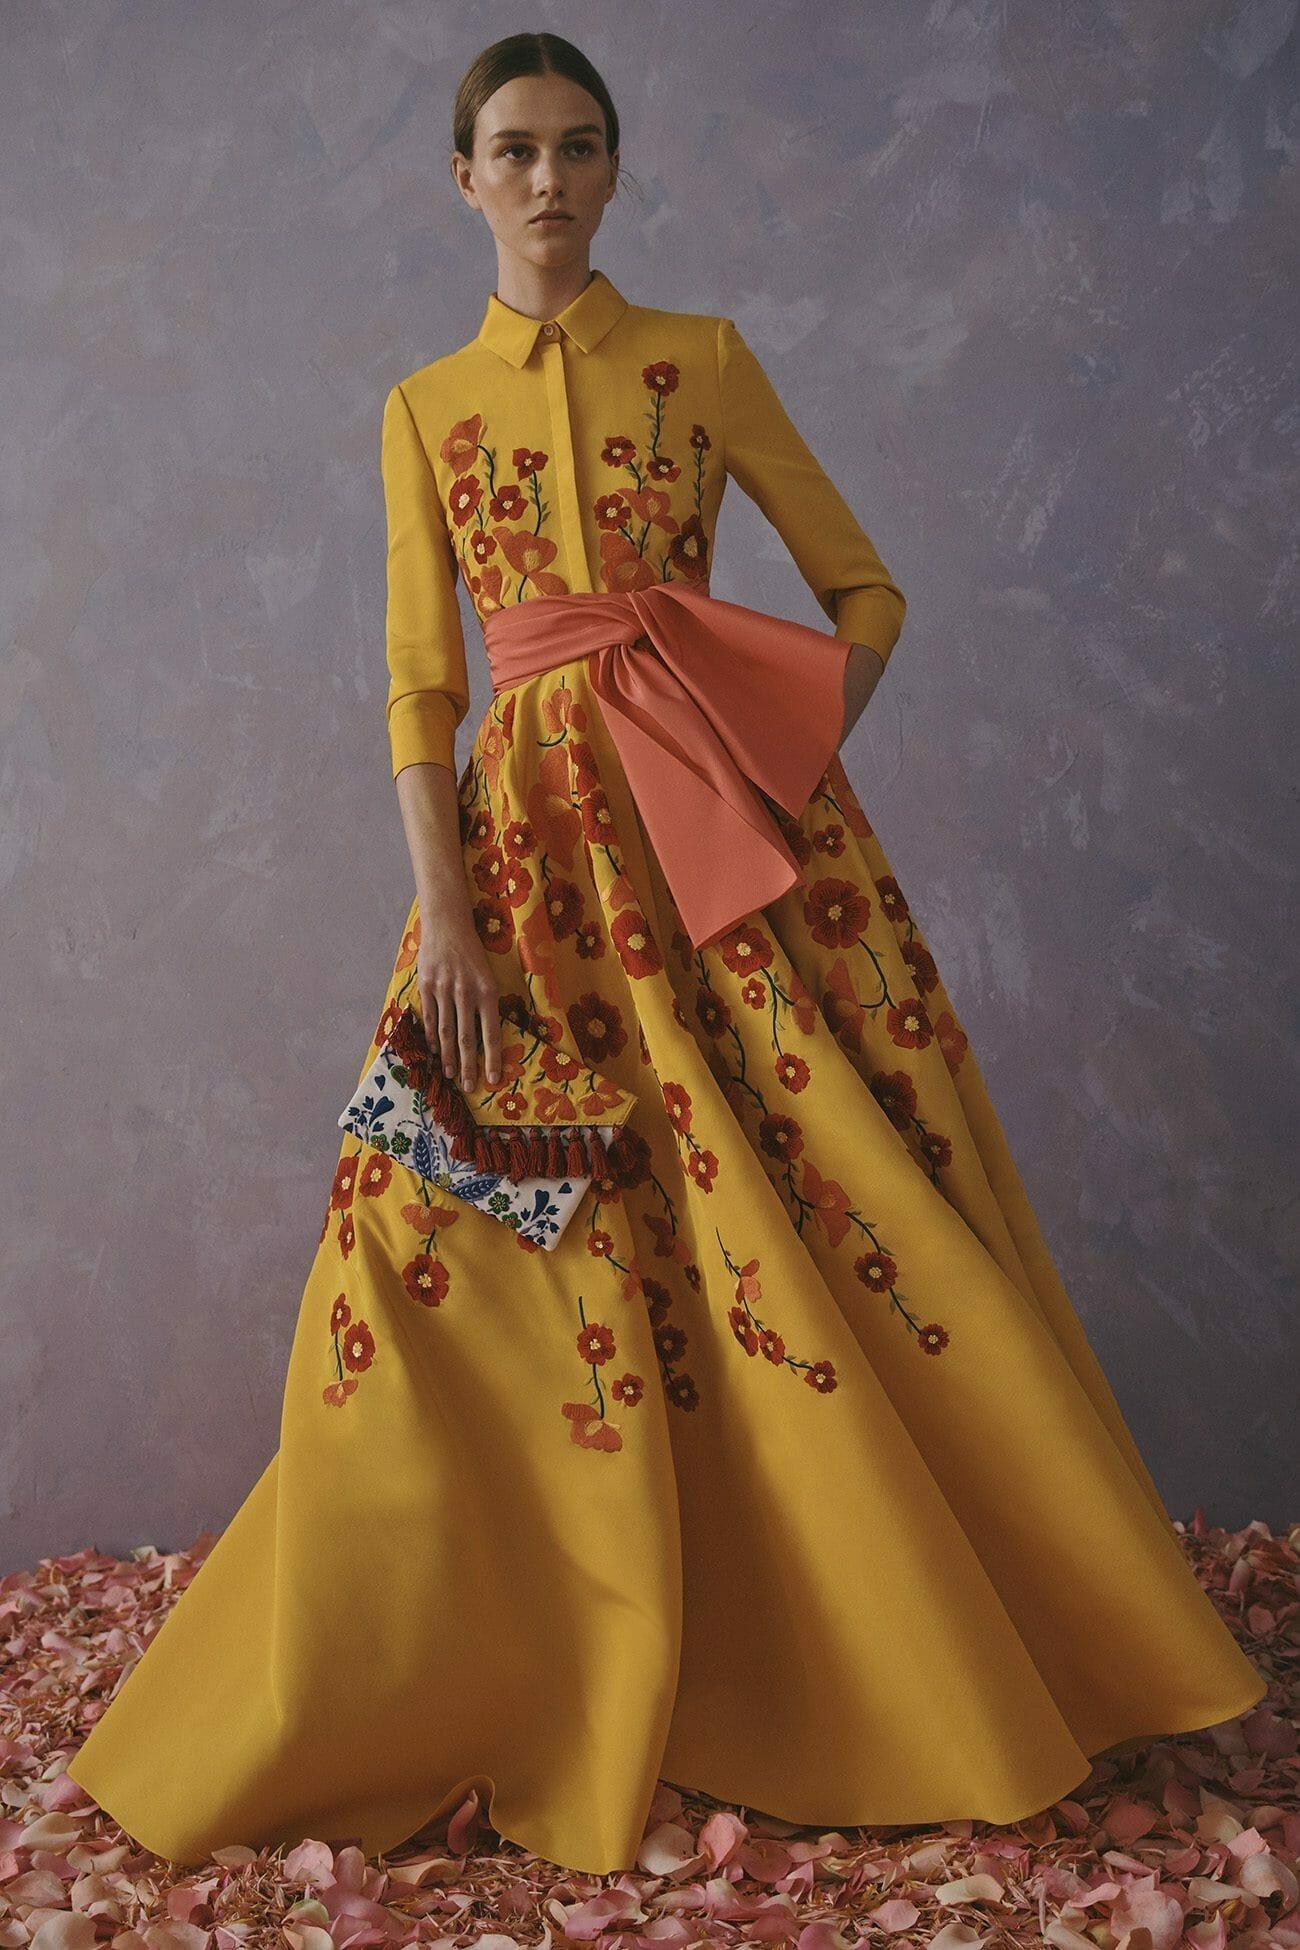 Carolina Herrera New York Resort 2020 Collection yellow flower shirt dress